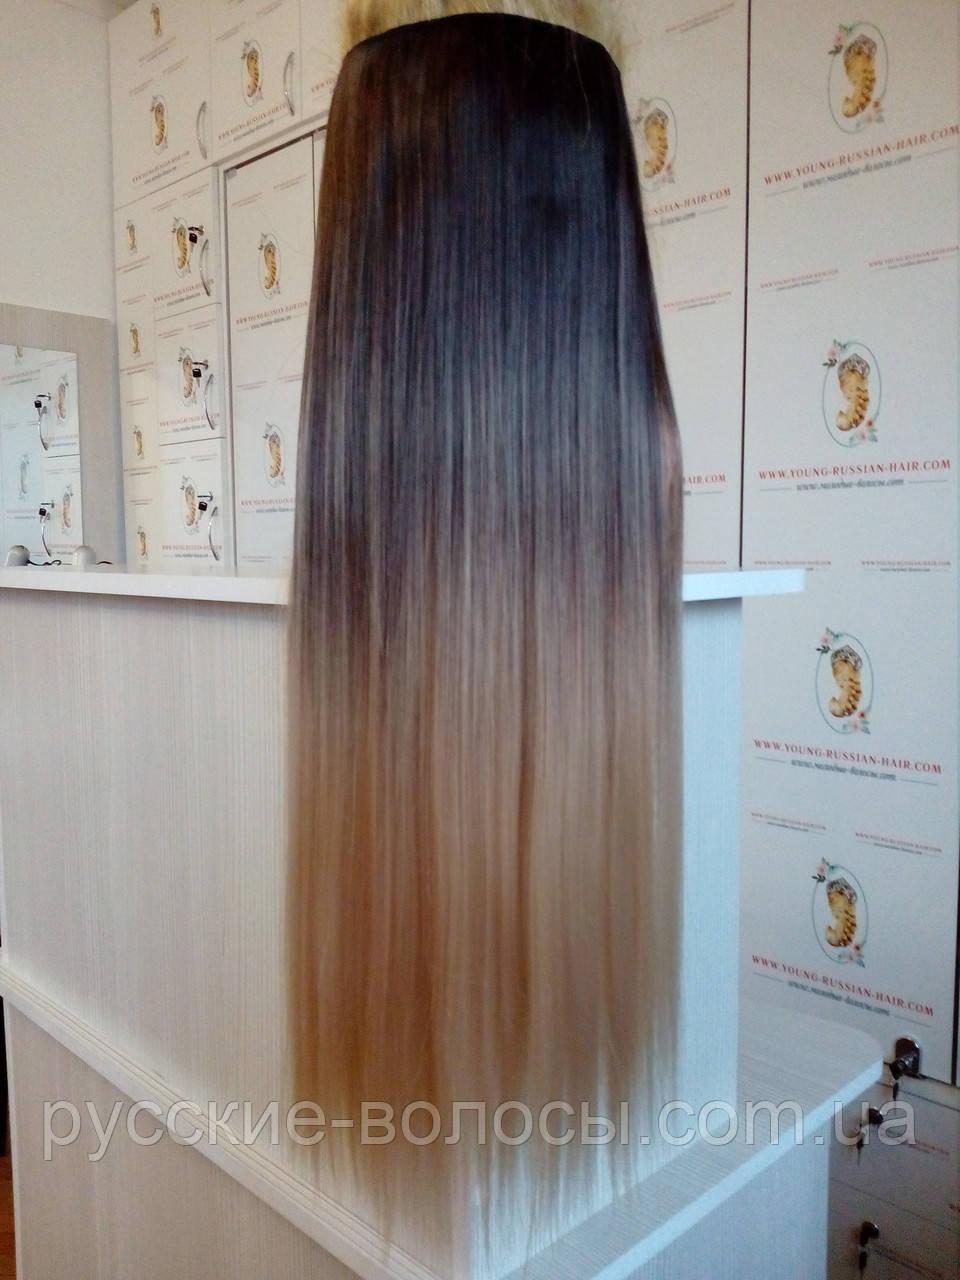 Волосы на заколках натуральные купить интернет магазин